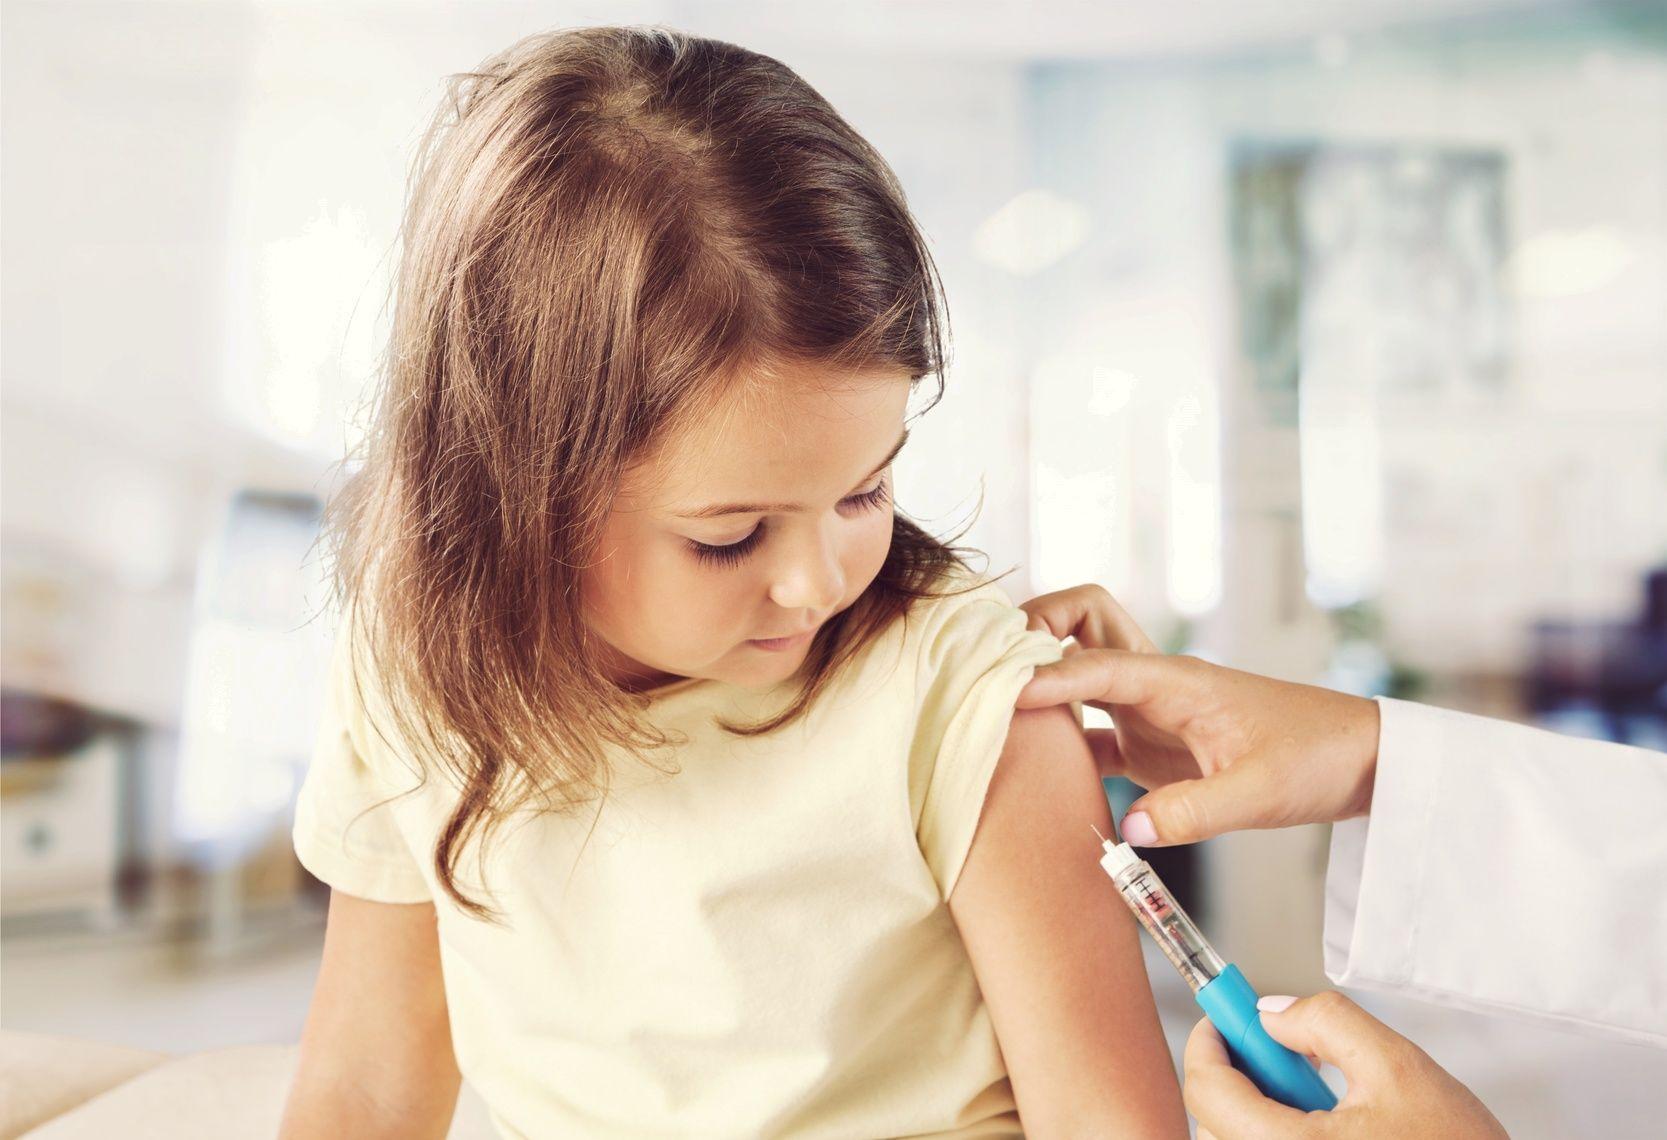 Nouveau Calendrier Vaccinal 2019.Nouveau Calendrier Vaccinal 2019 Quels Changements